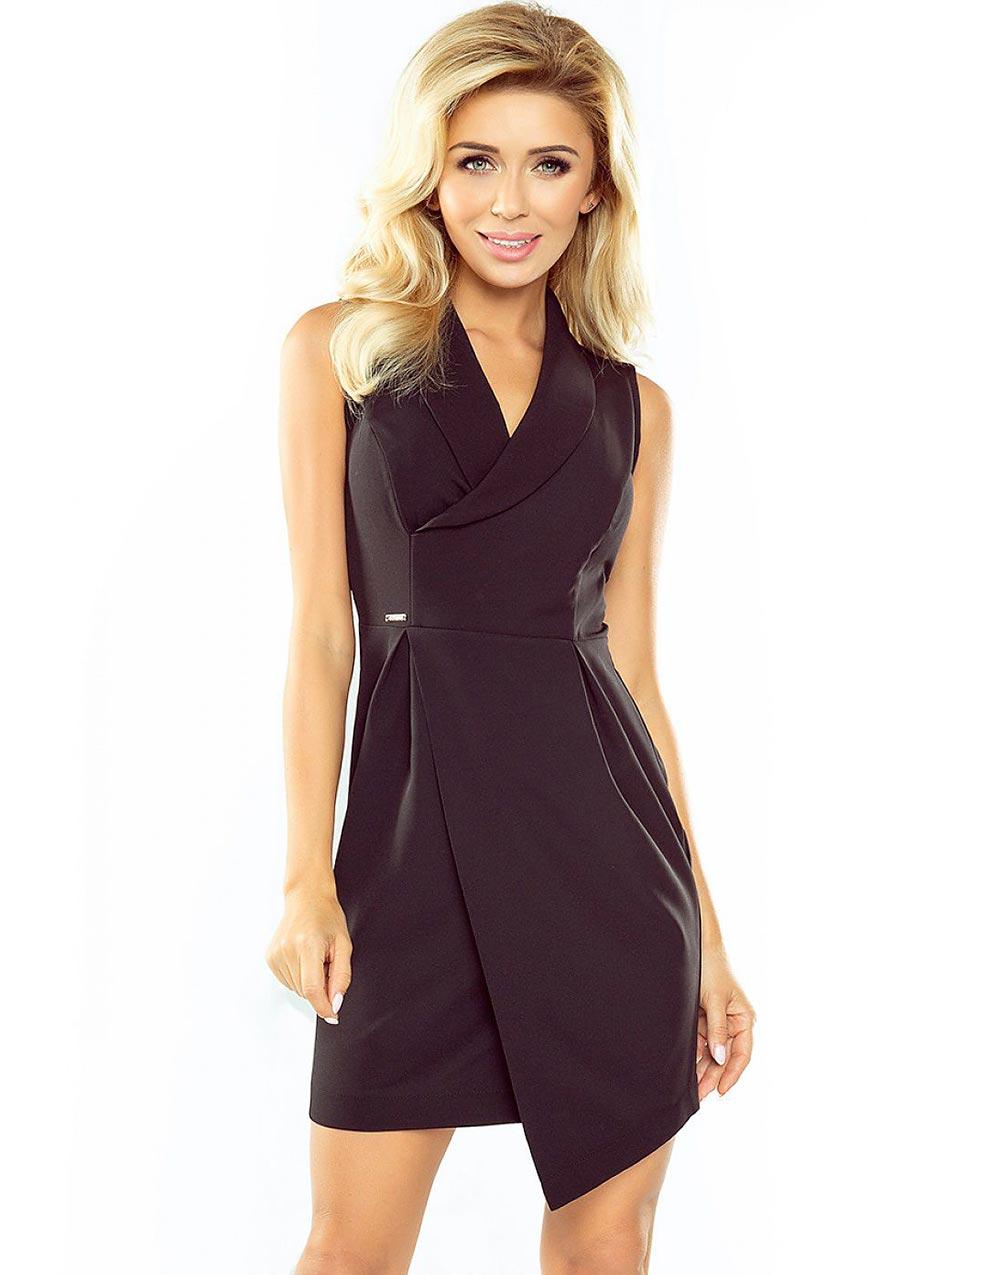 Vintage retro svart klänning cocktailklänning svarta pärlor sidan 60 tal